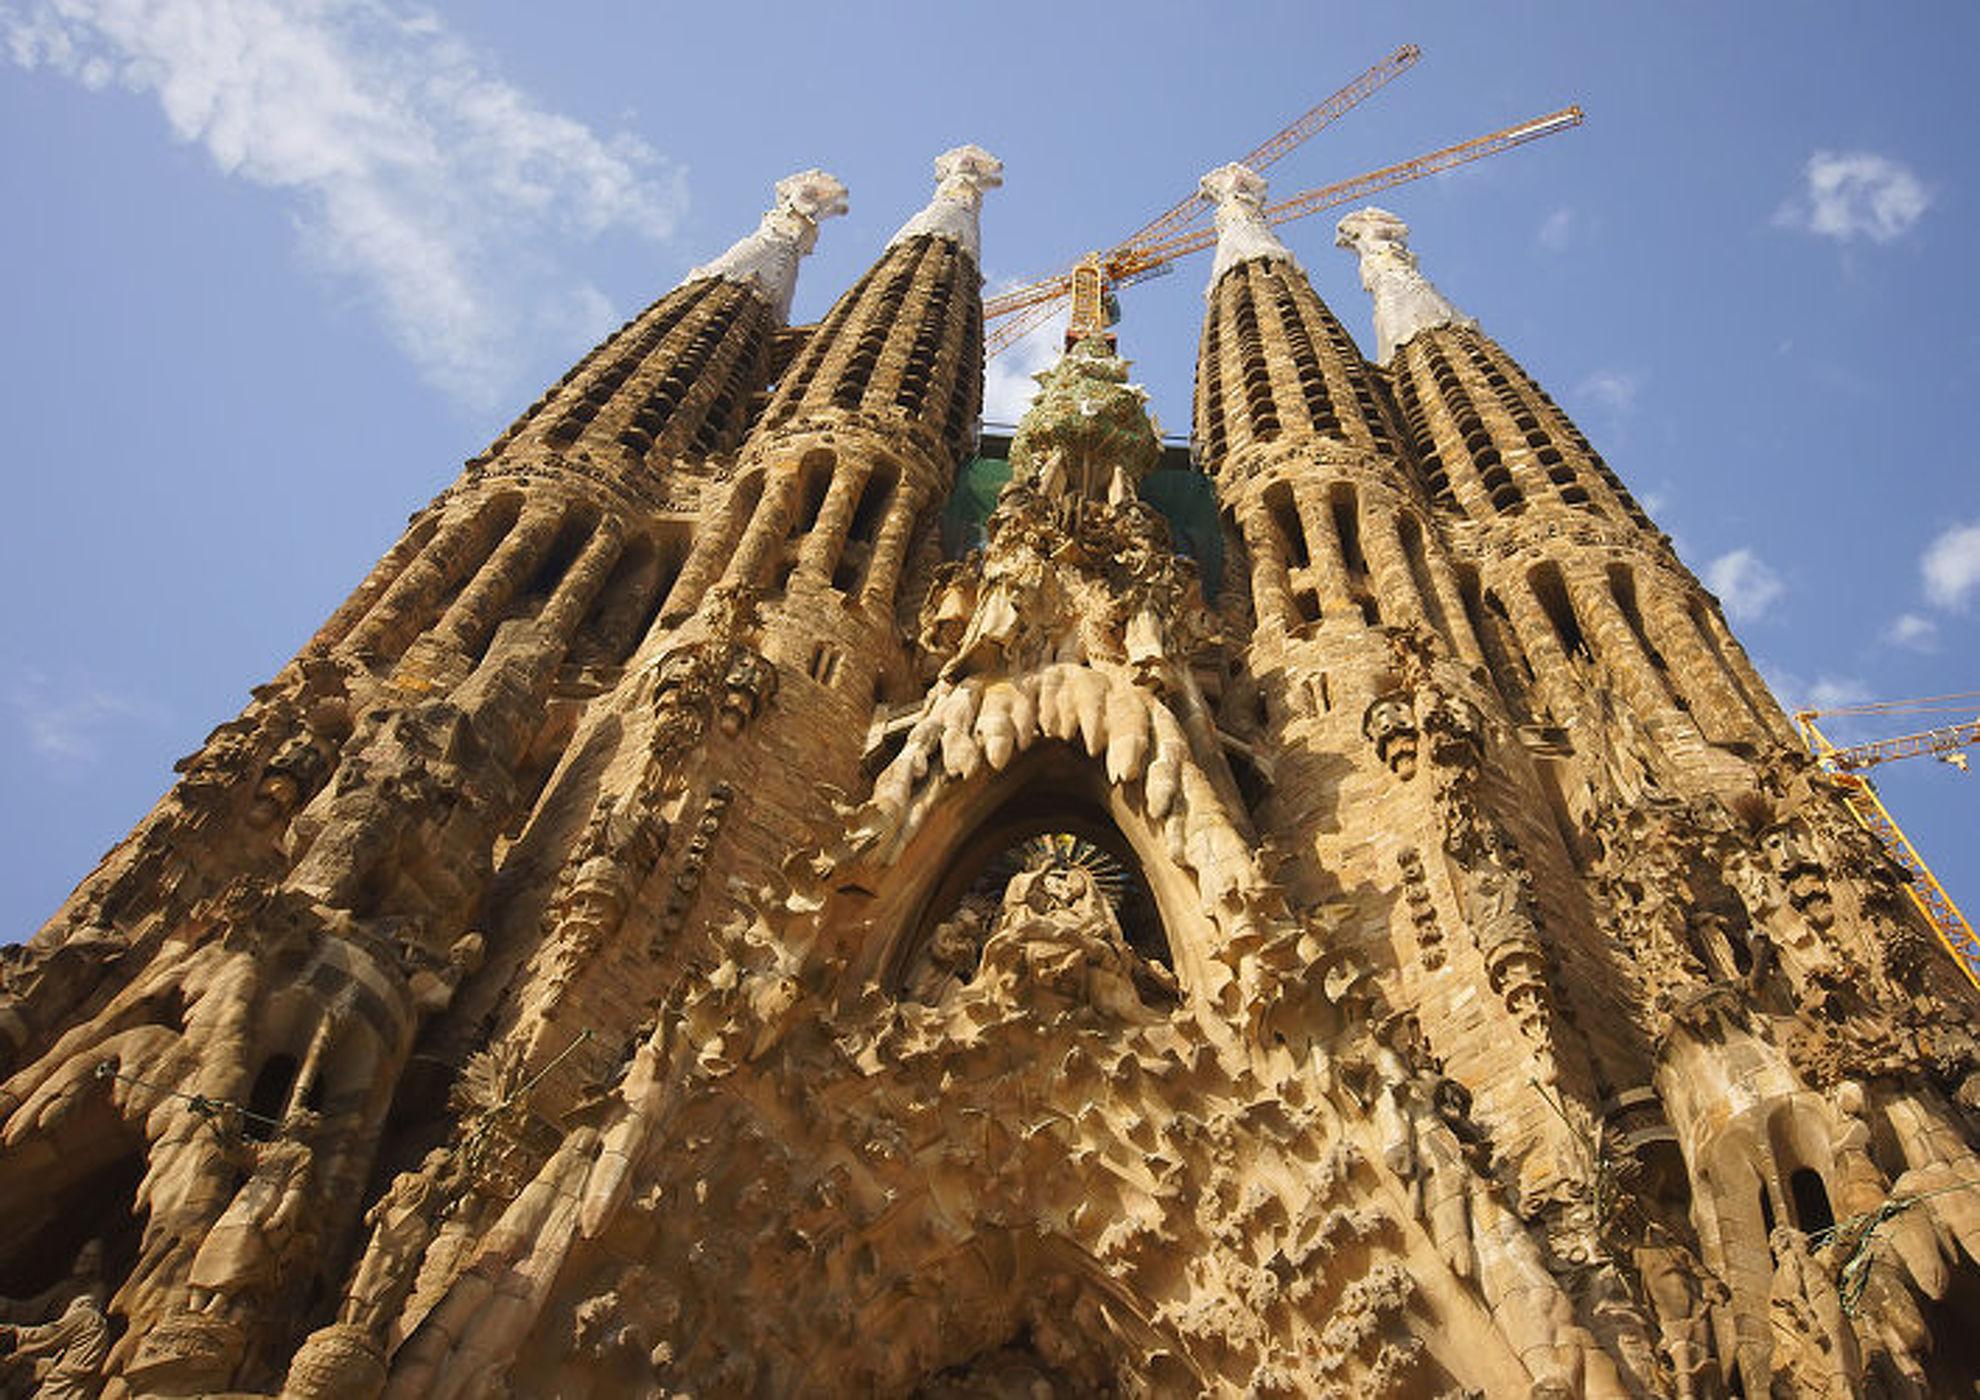 Explore La Sagrada Familia